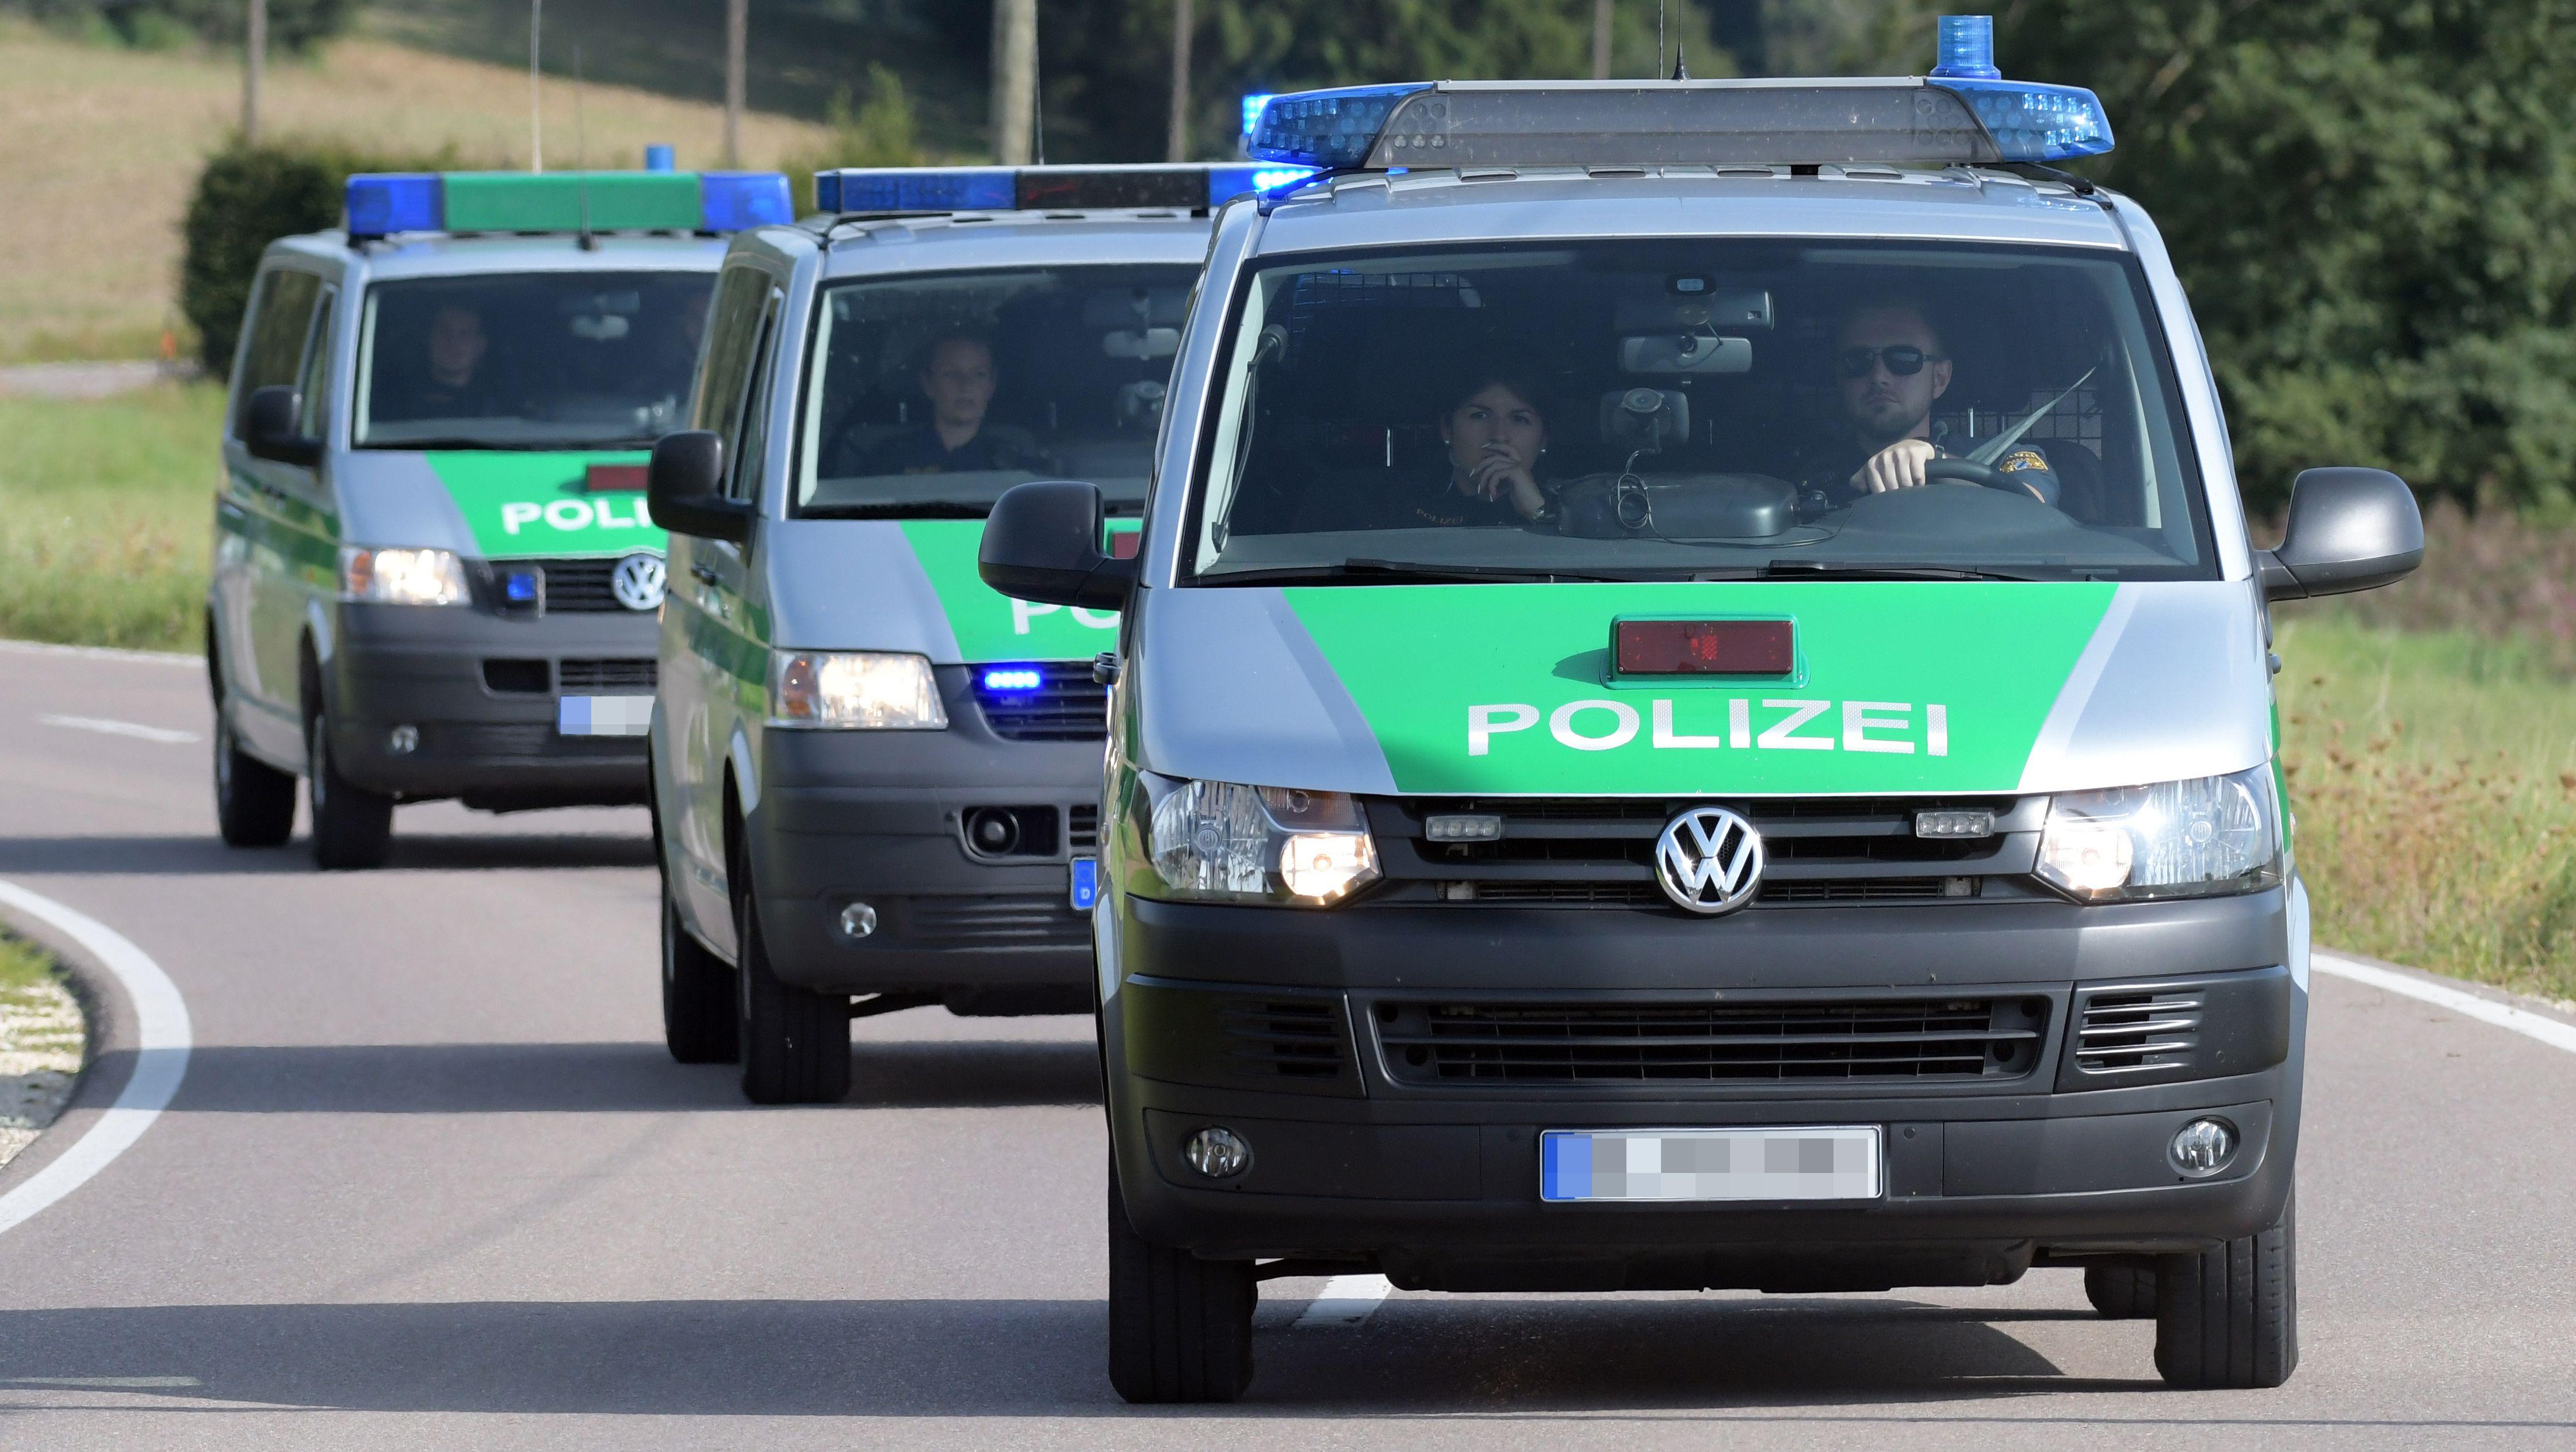 Polizeifahrzeuge auf Einsatzfahrt (Symbolbild)